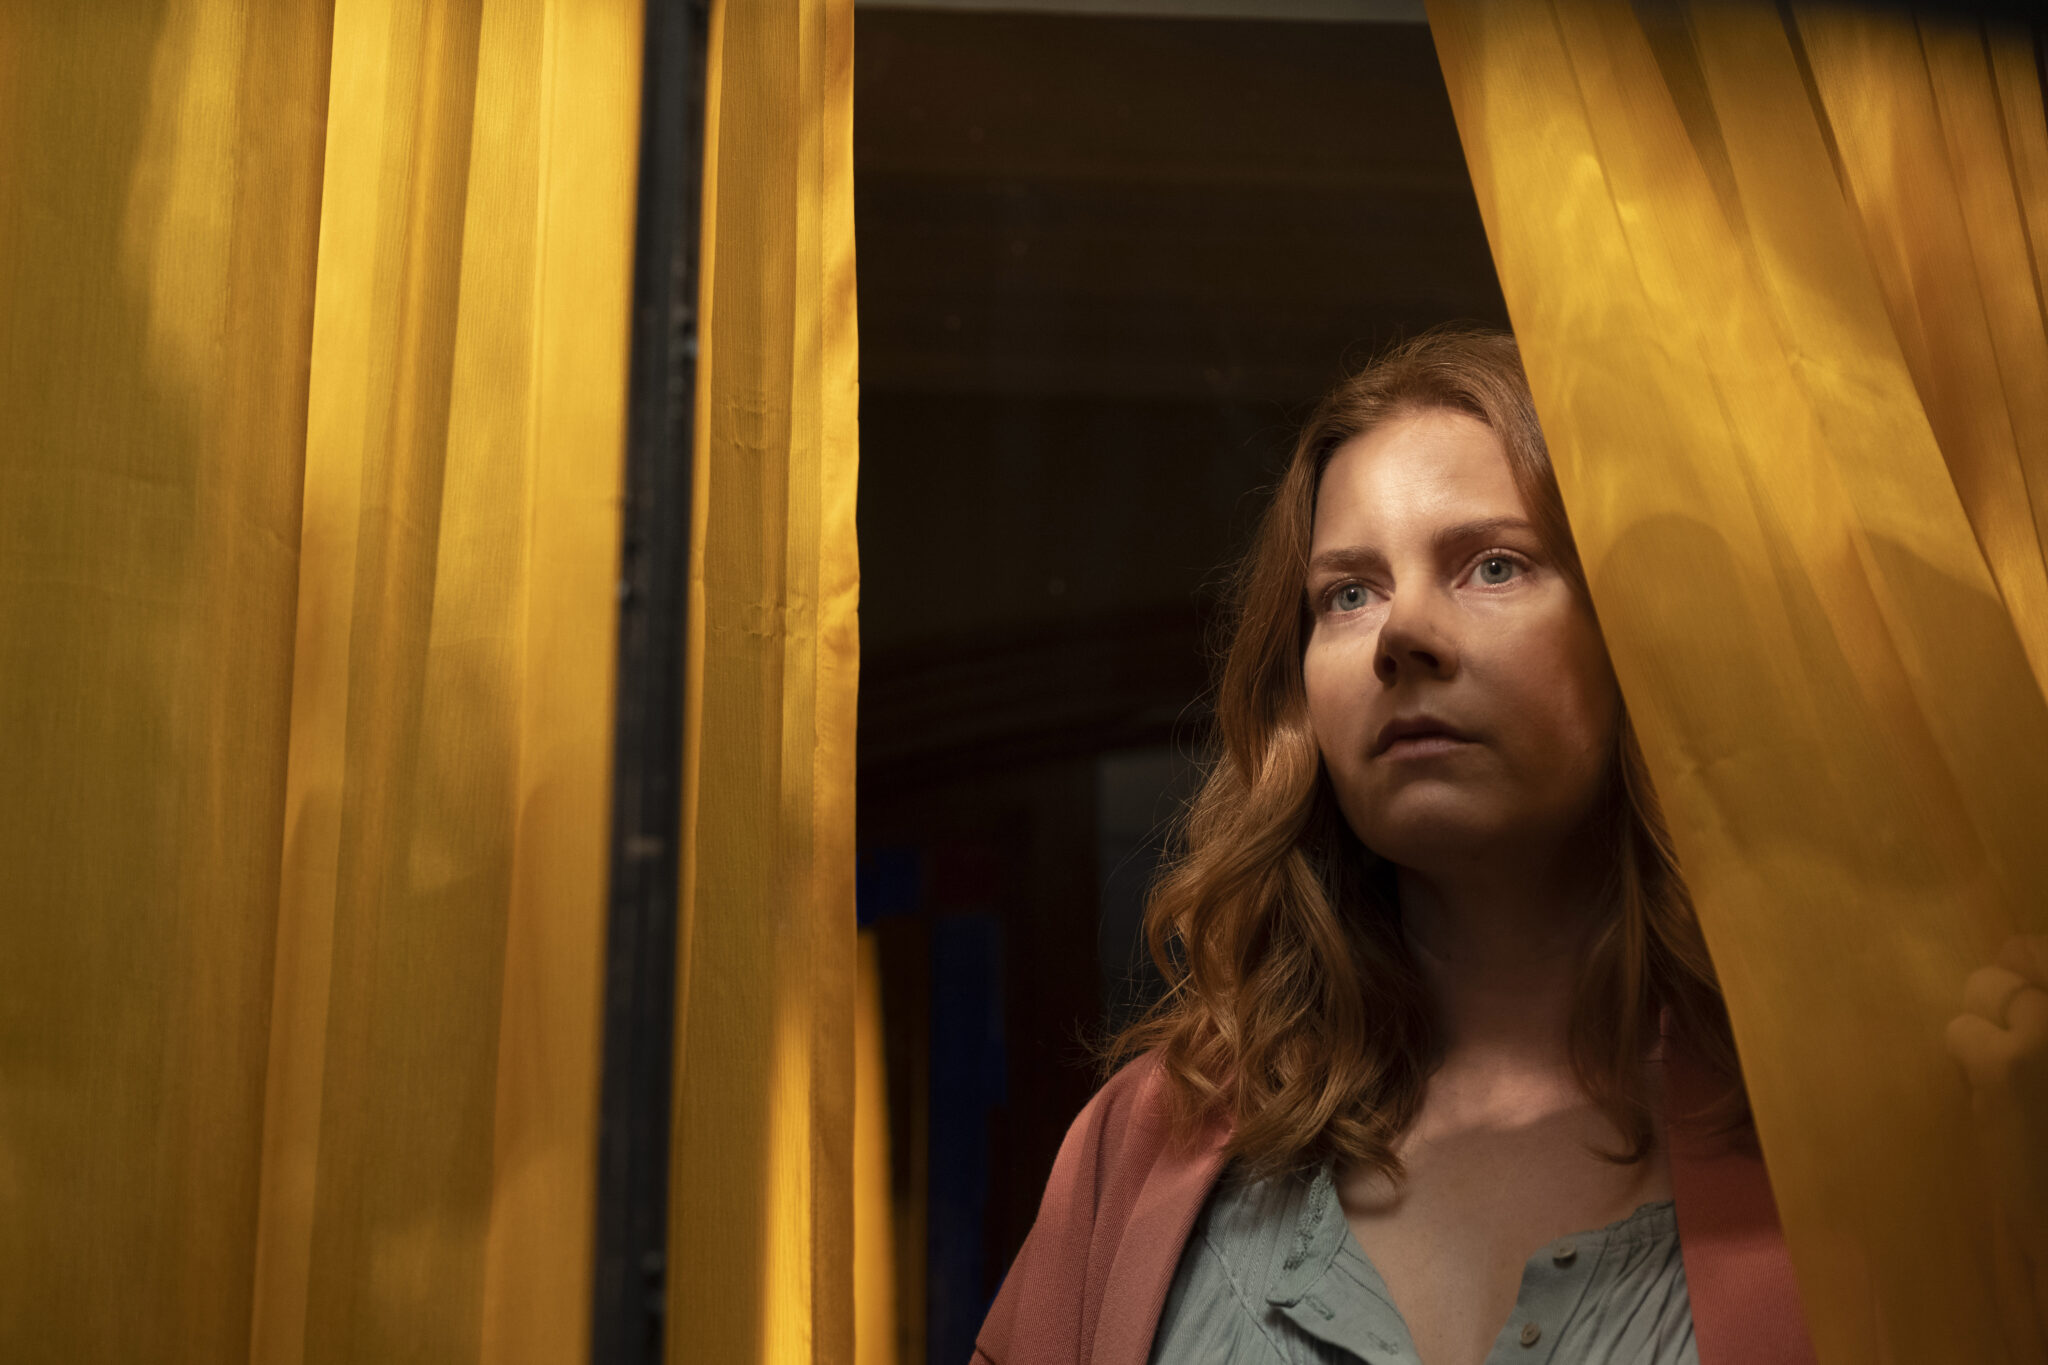 Auf dem Bild ist Amy Adams zu sehen, die zwischen zwei Vorhängen am Fenster steht und nach draußen schaut.